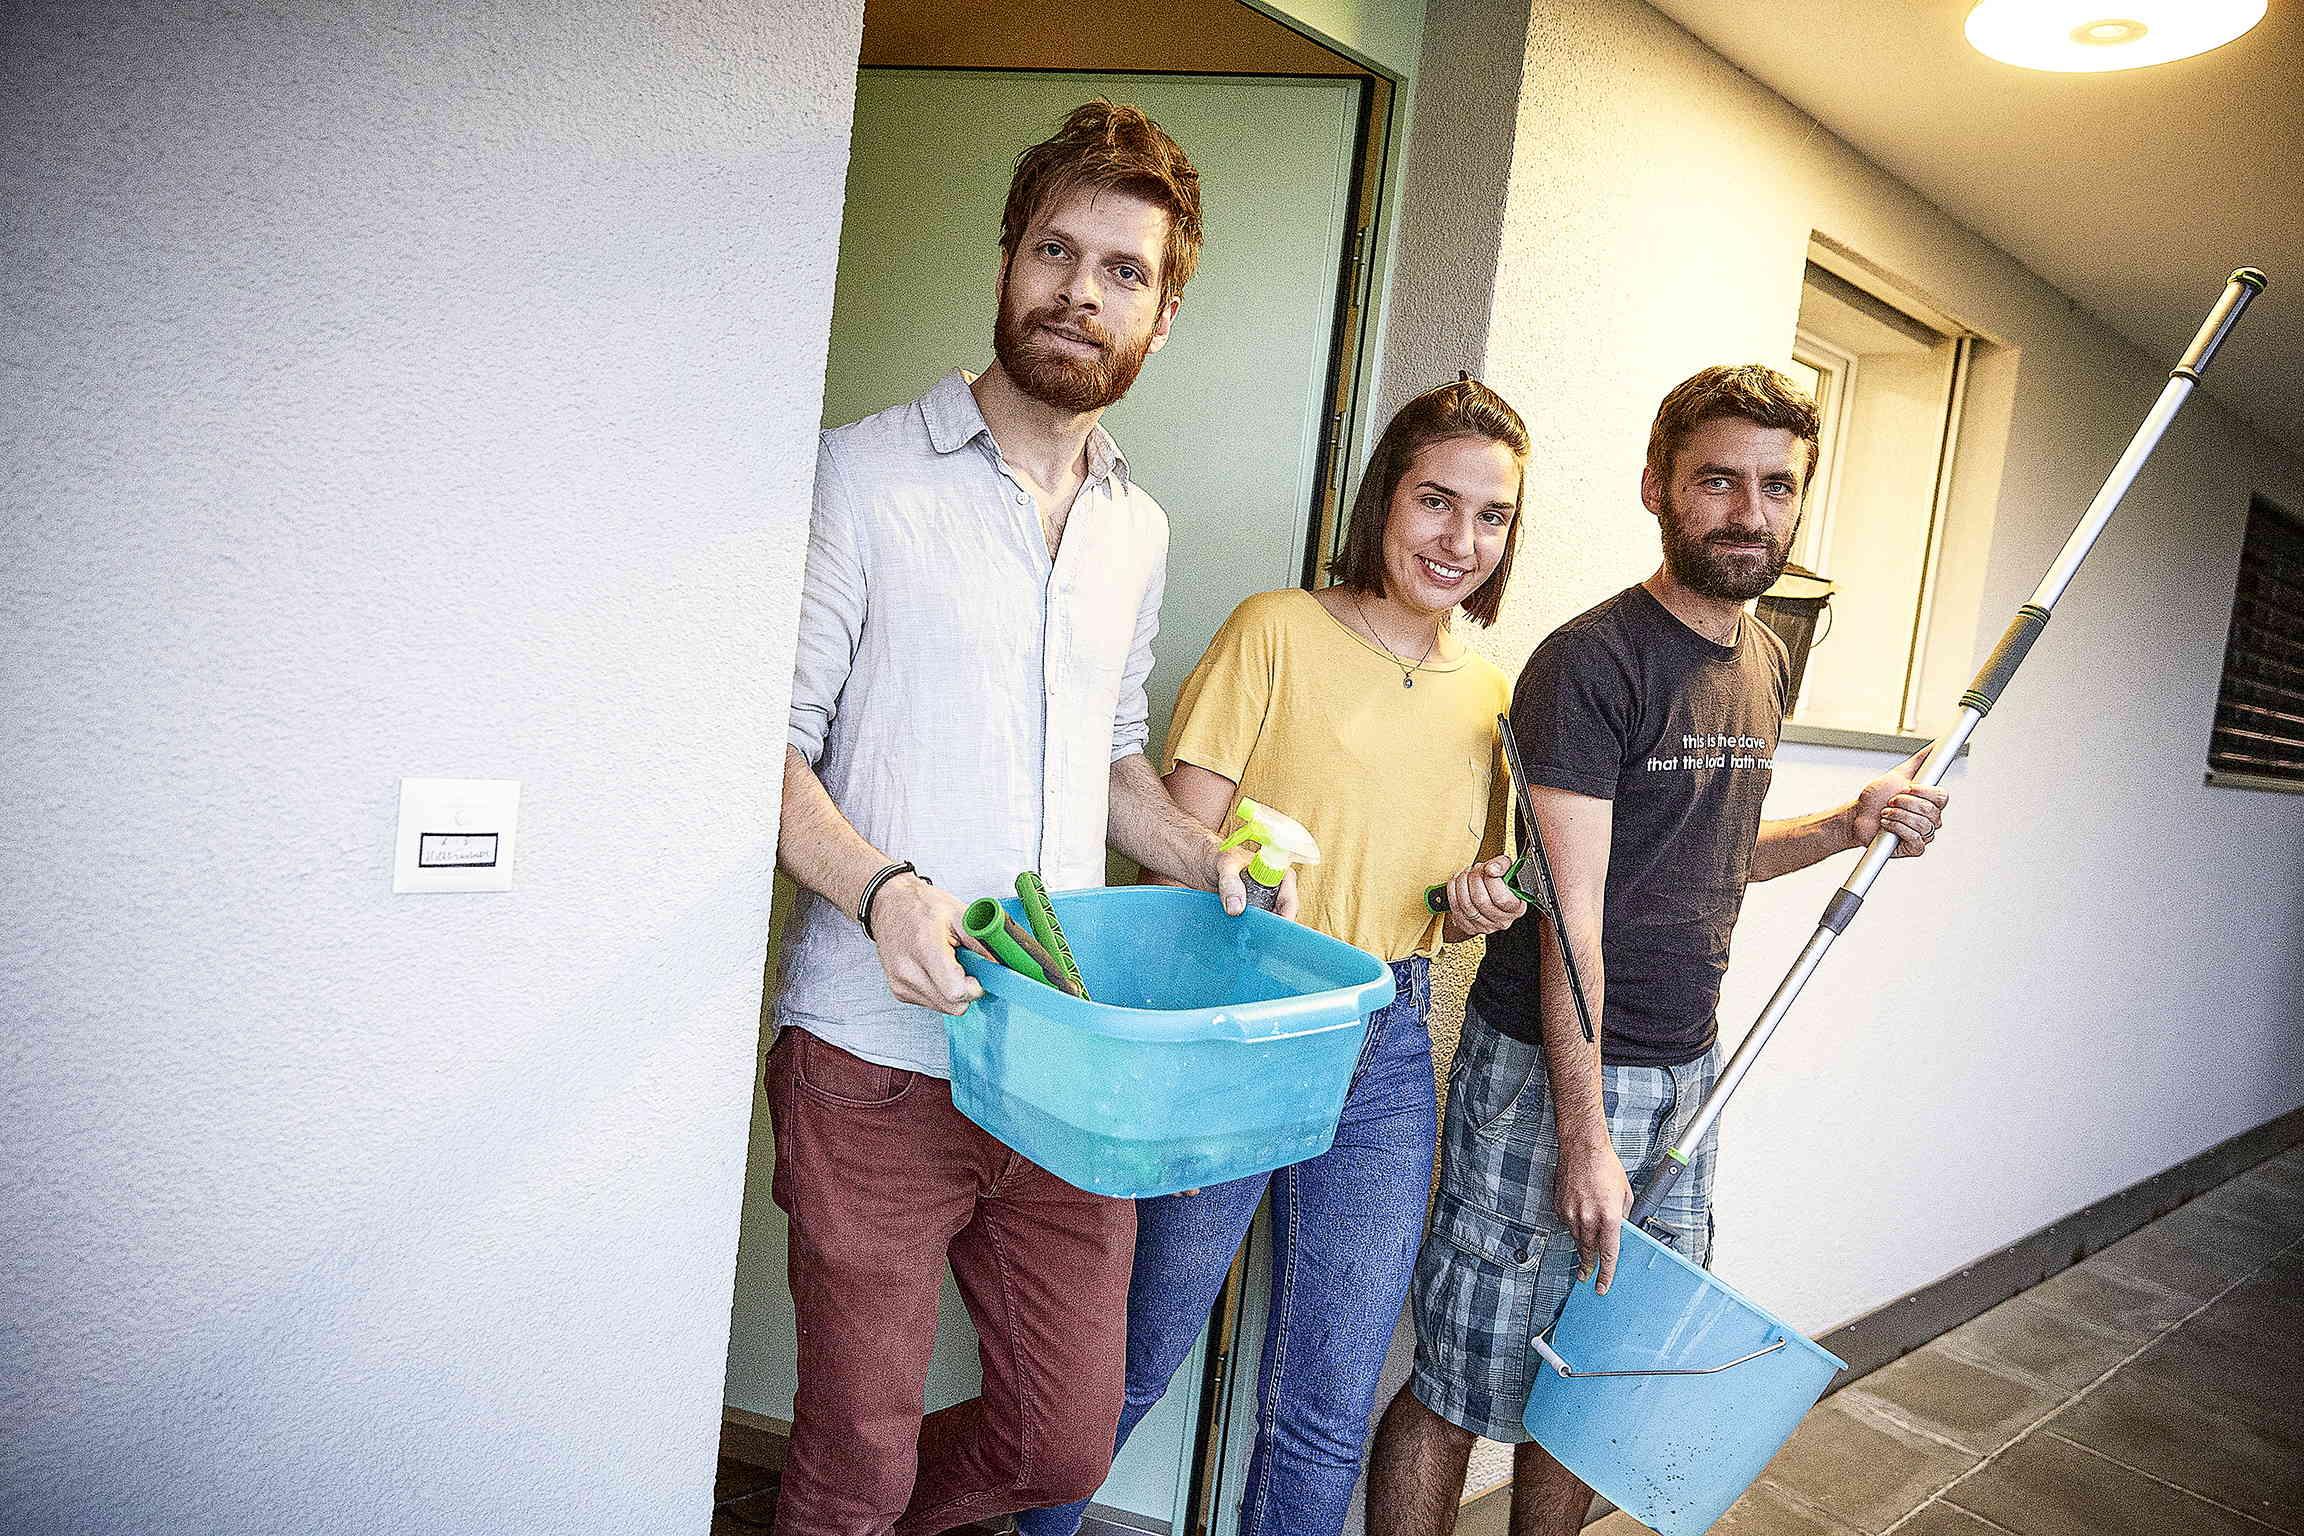 Eine beispielhafte Initiative sinnvoller Nachbarschaftshilfe